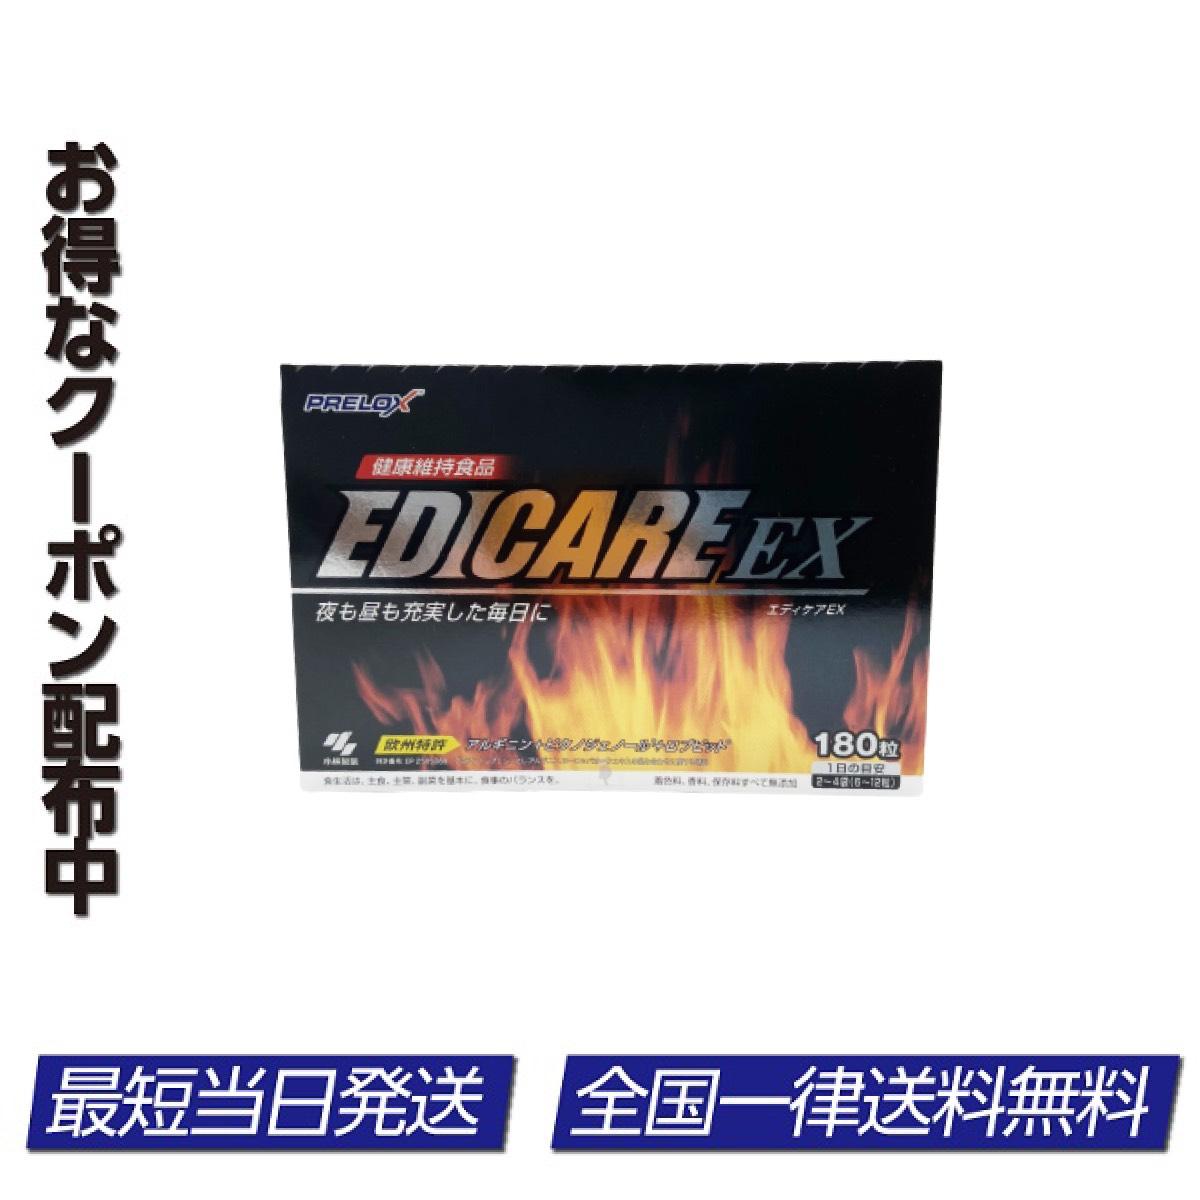 希少 エディケアEX EDICARE 小林製薬 販売実績No.1 180粒 箱なし アルギニン